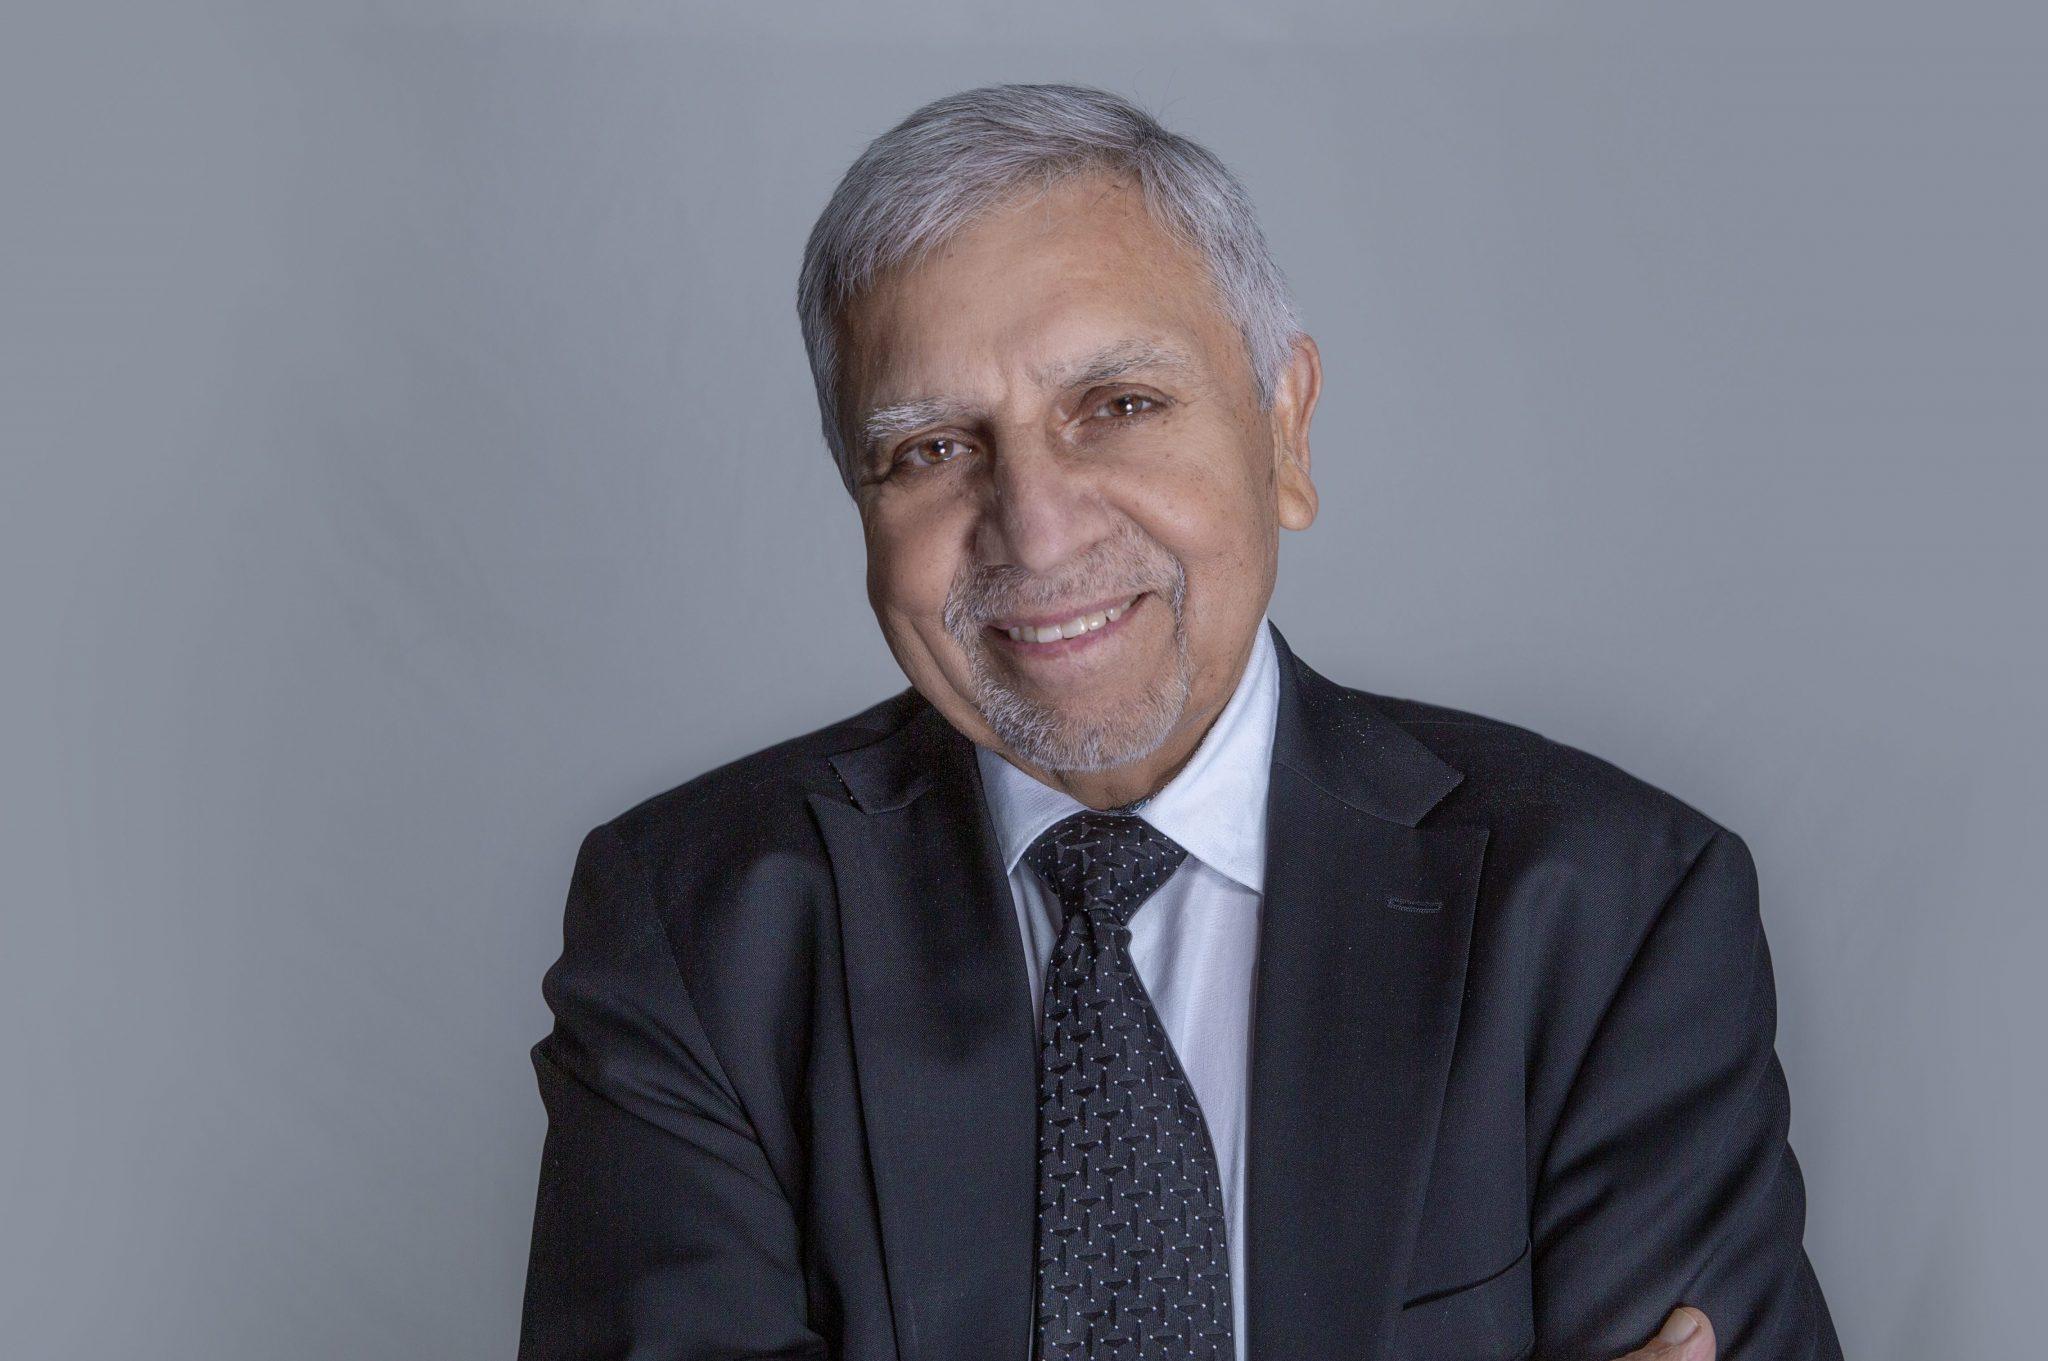 Dr. Om Malik, Ph.D, P.Eng., CIH, ROH, FAIHA, QP